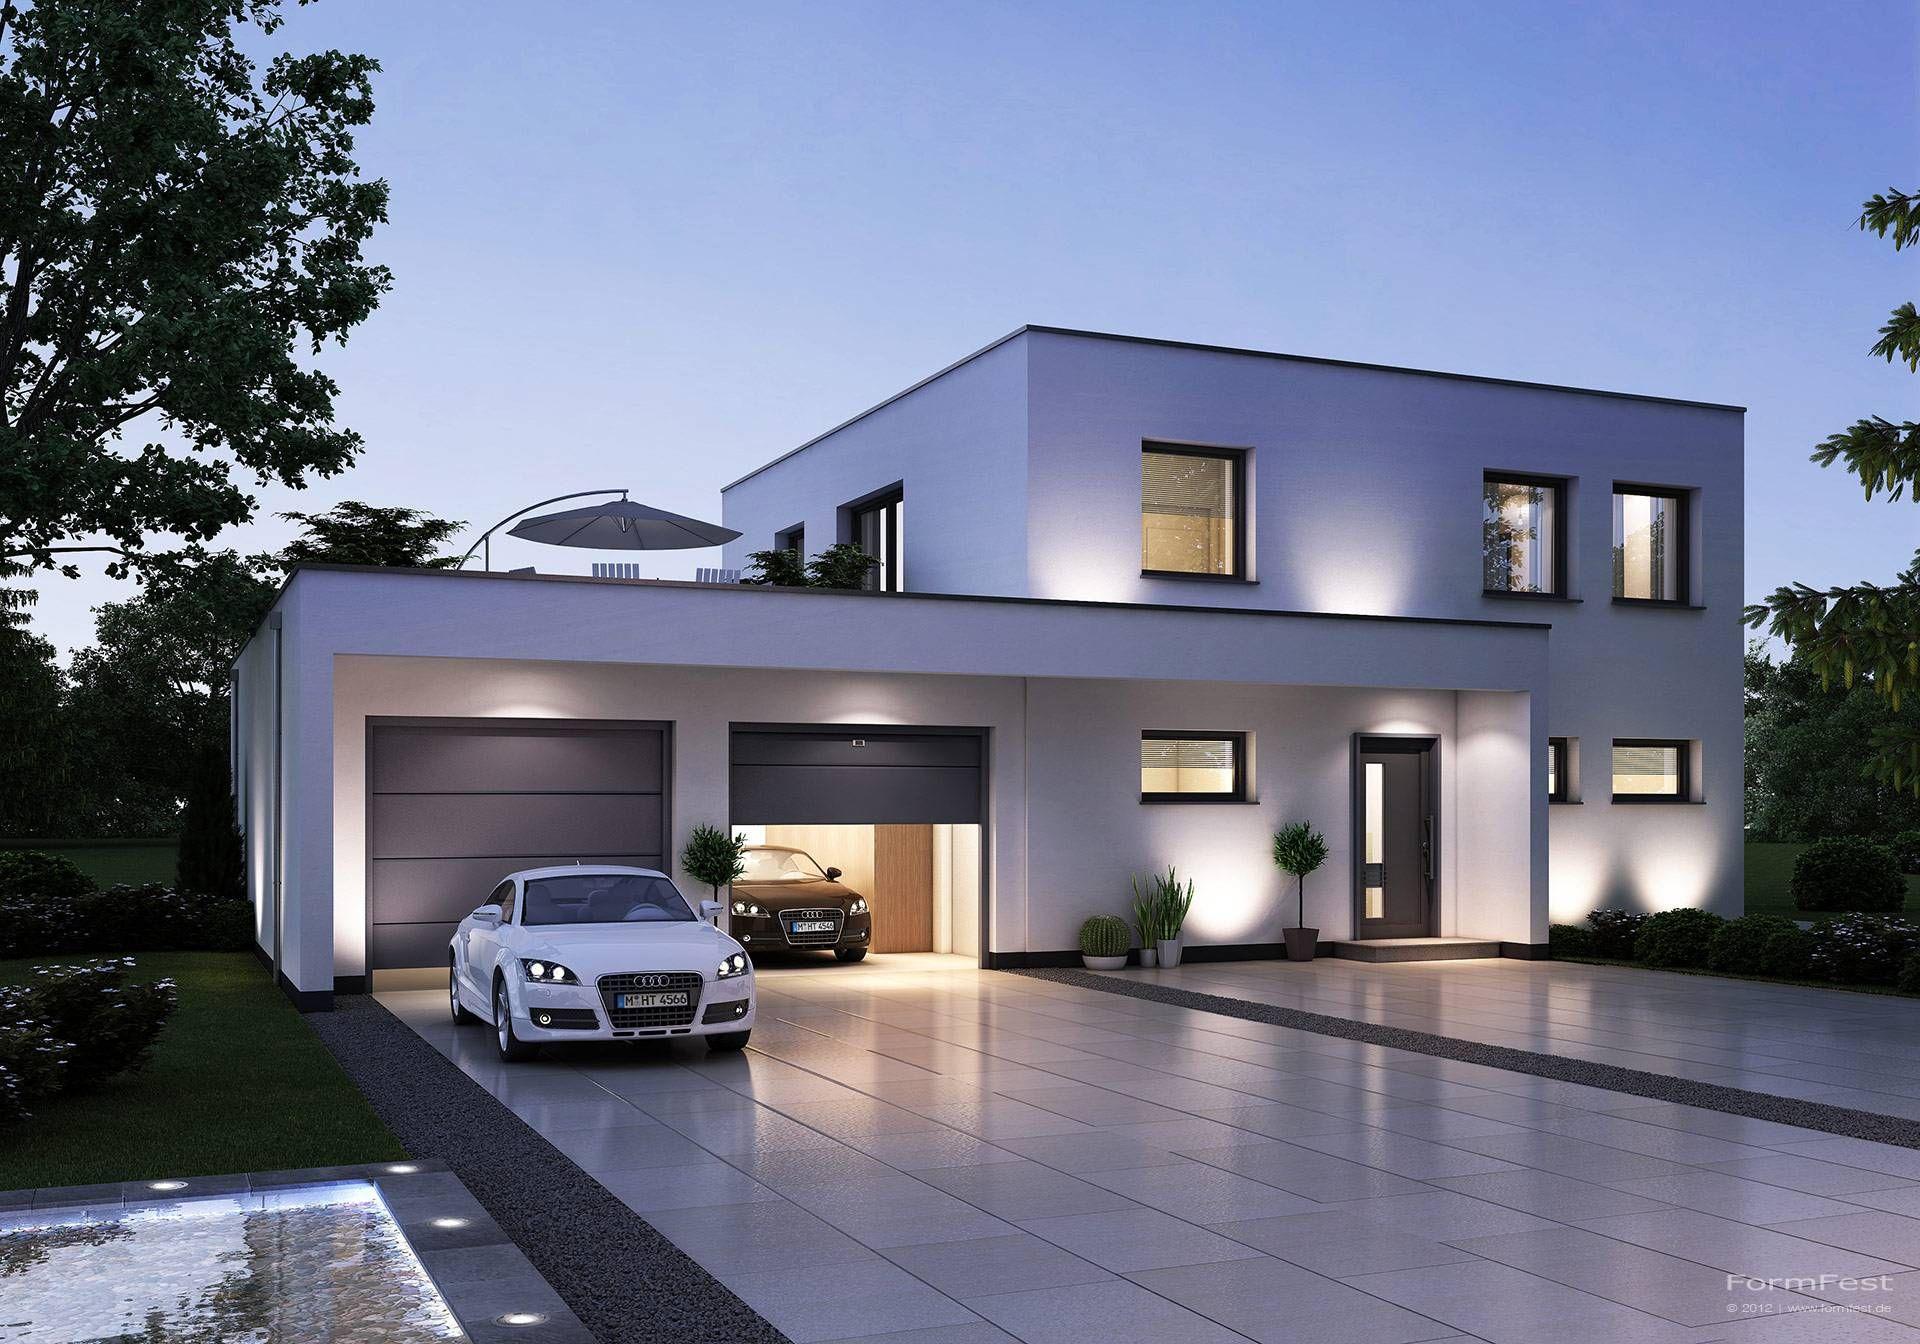 Einfamilienhäuser   FormFest   haus   Pinterest   Einfamilienhaus ...